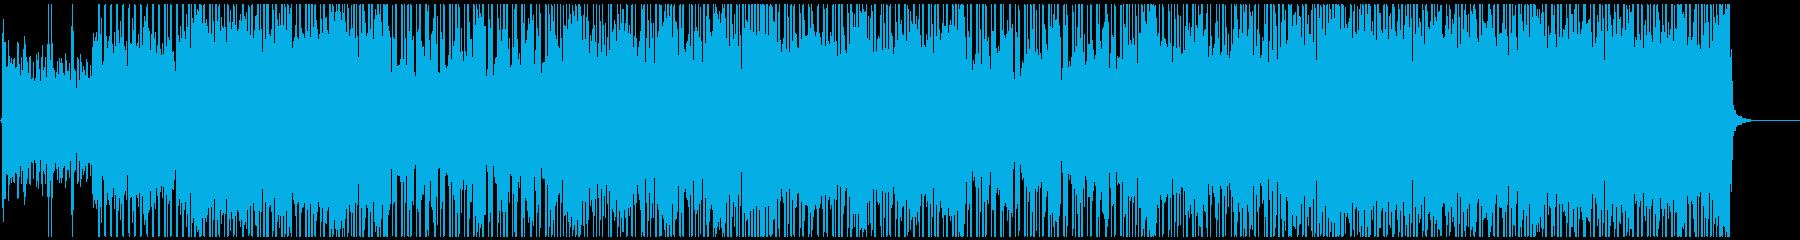 ノリノリ・キャッチーなポップロックの再生済みの波形